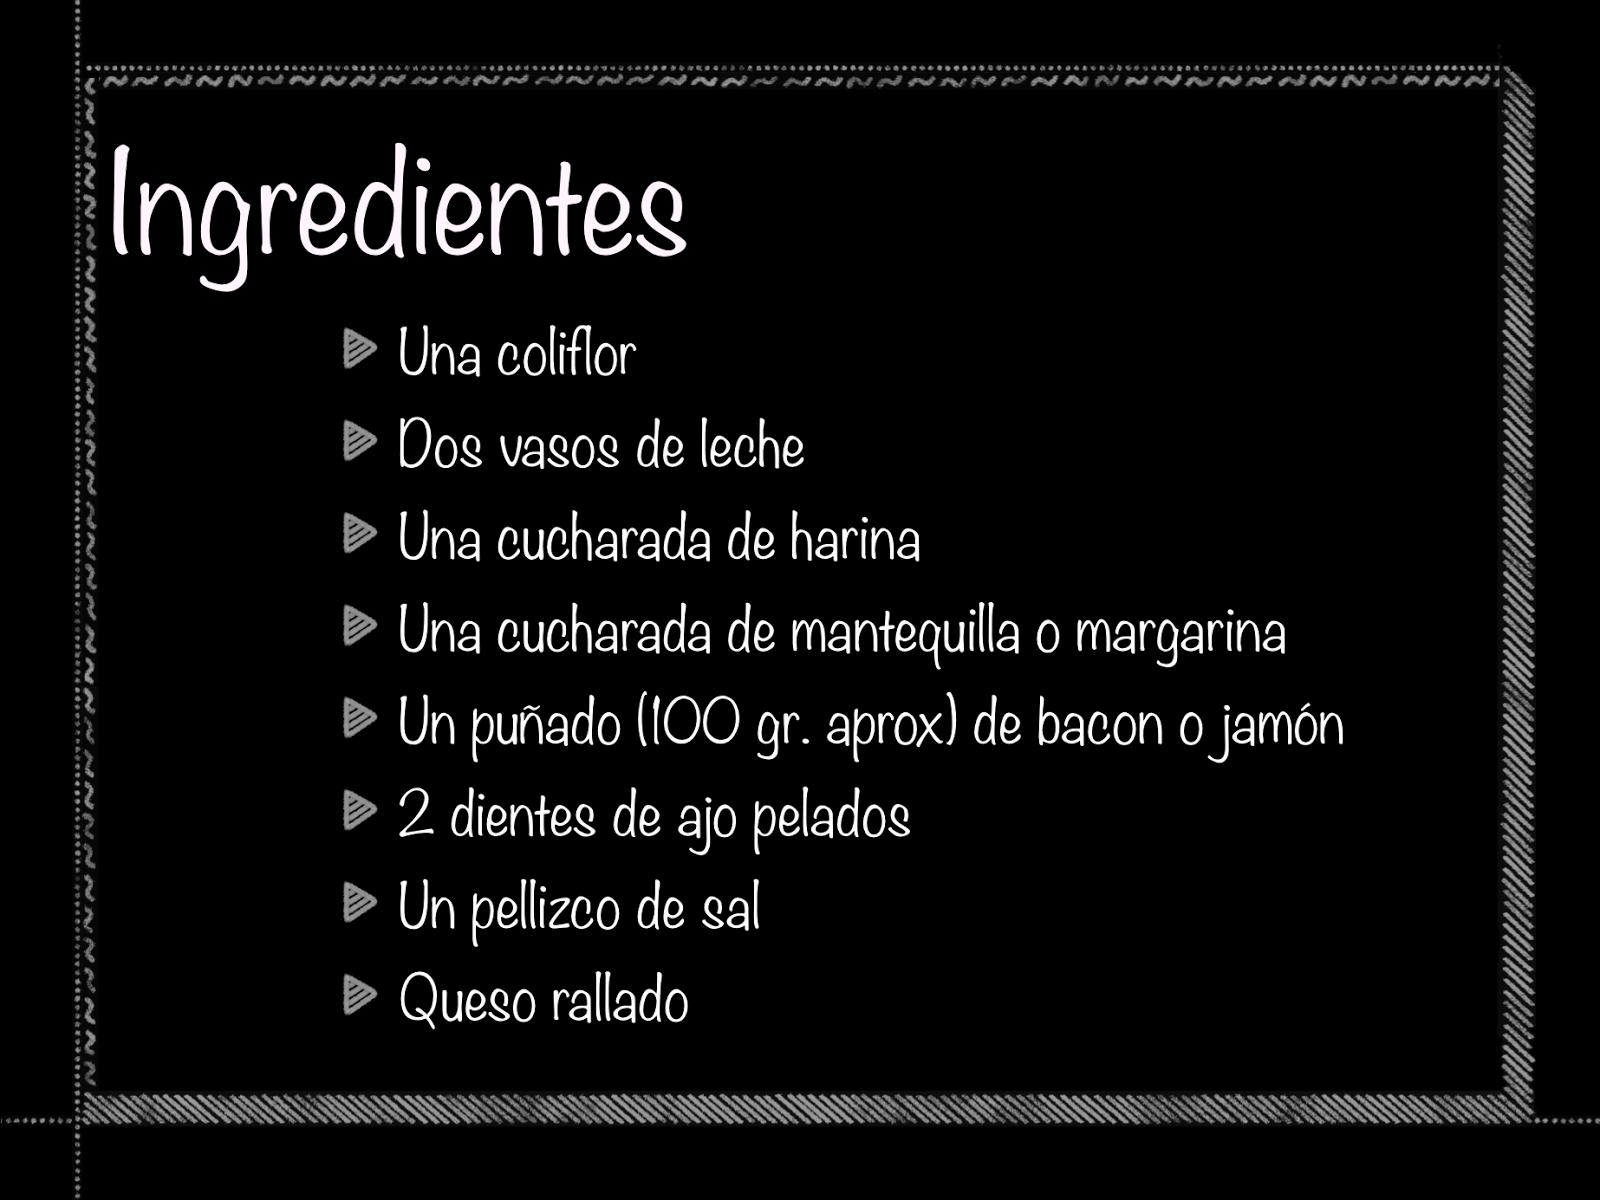 Ingredientes. Una coliflor  Dos vasos de leche Una cucharada de harina Una cucharada de mantequilla o margarina Un puñado (100 gr. aprox) de bacon o jamón 2 dientes de ajo pelados Un pellizco de sal Queso rallado